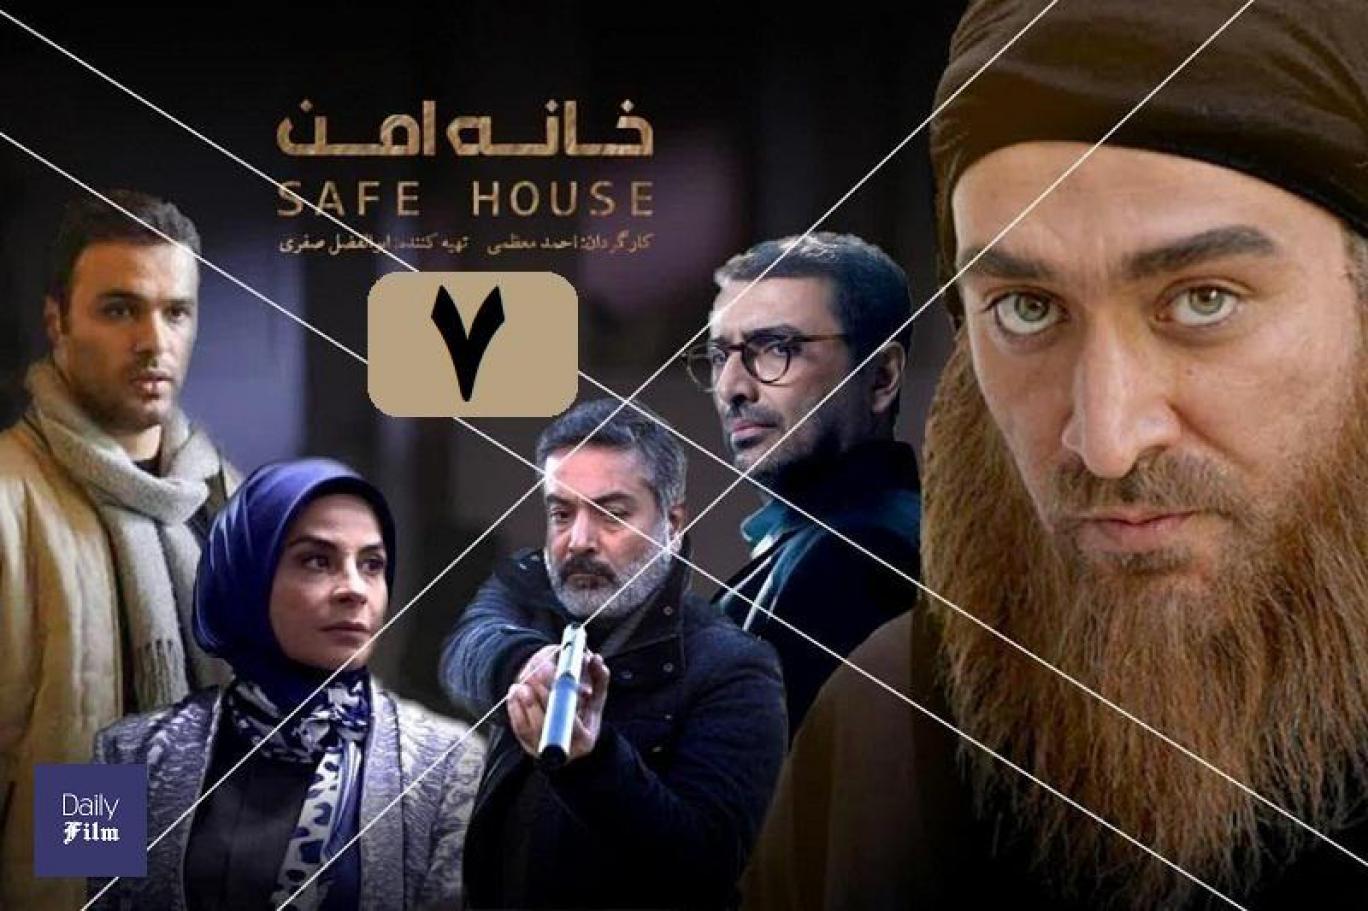 İran dizisinde AA, IŞİD ile ilişkili gibi gösterildi